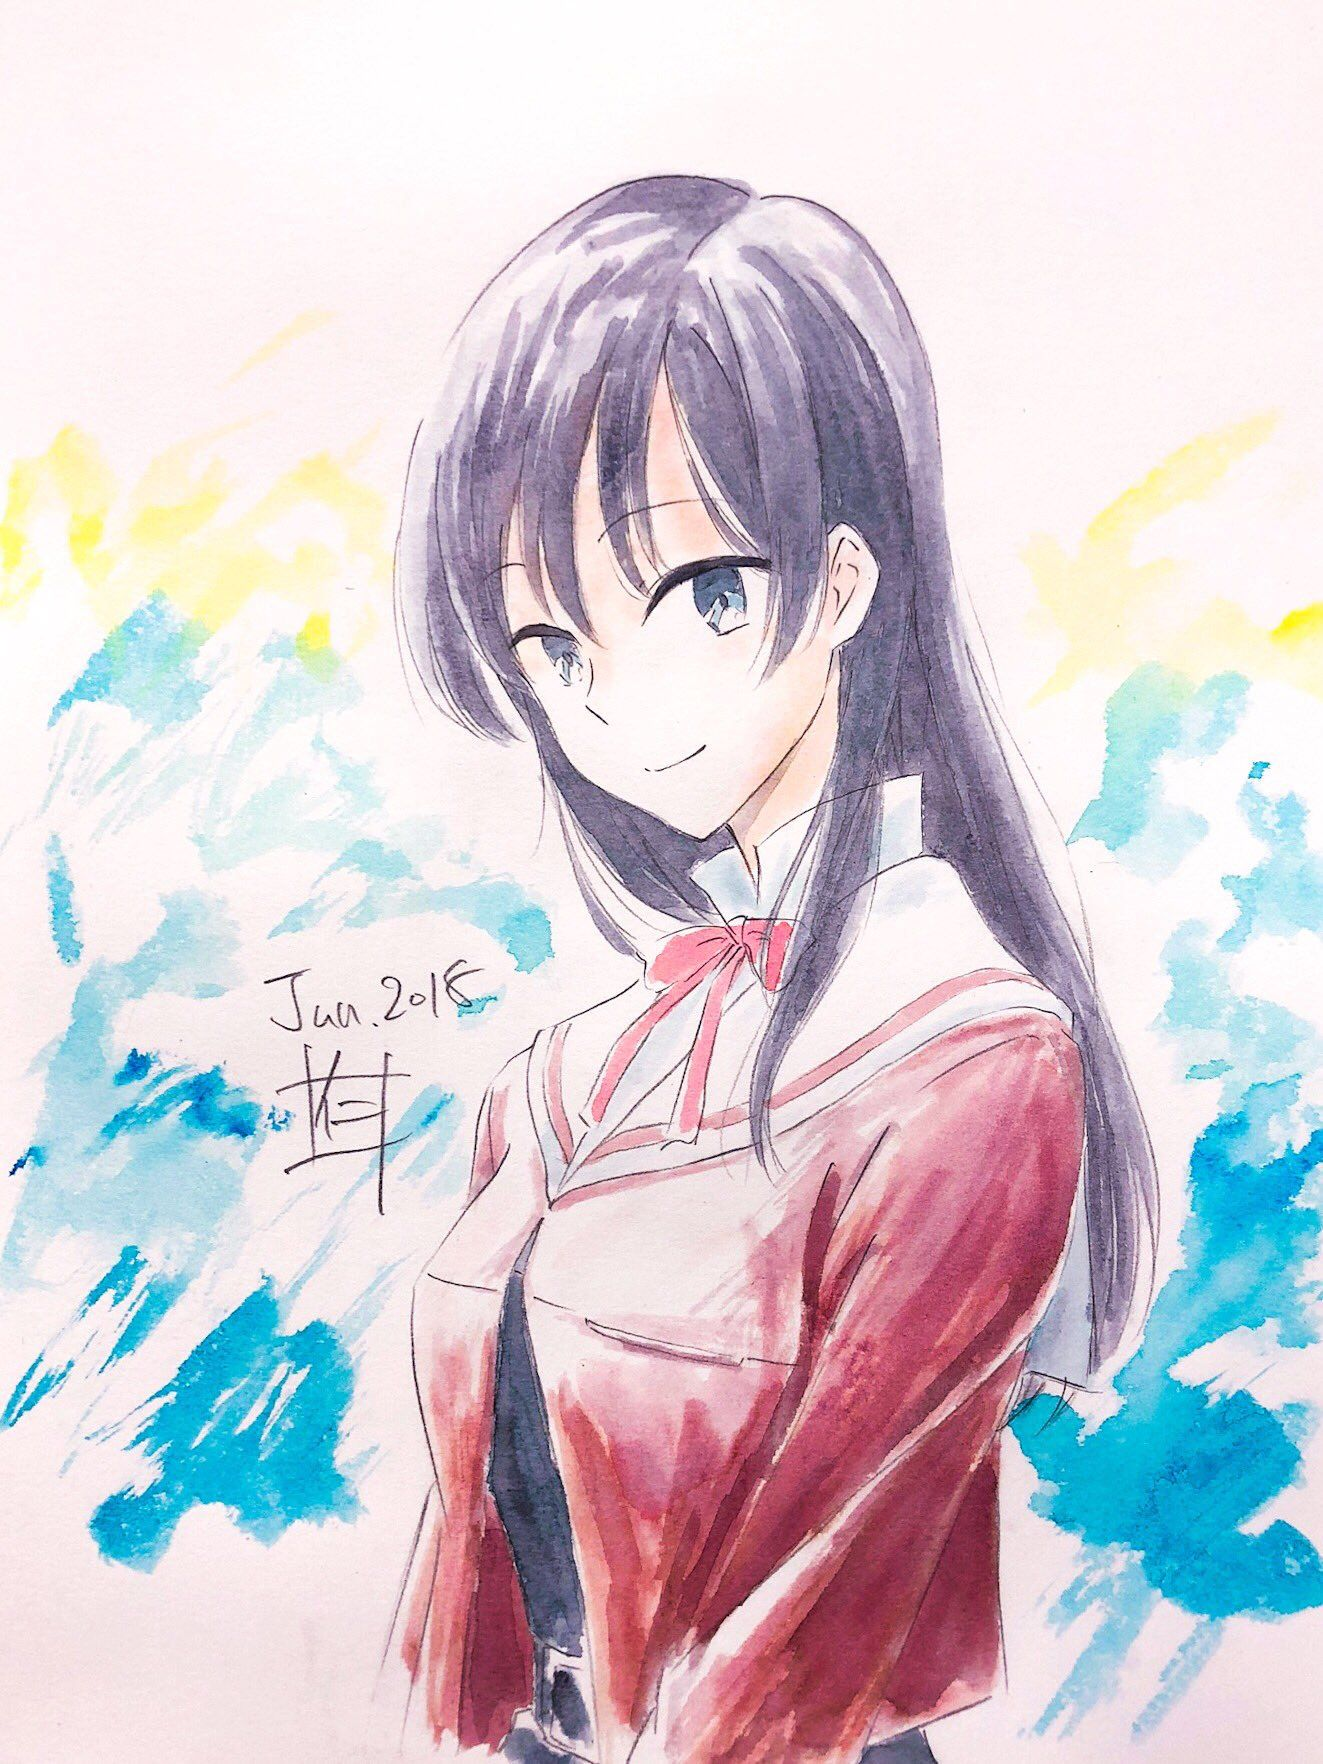 仁井学 NII Manabu on (With images) Anime